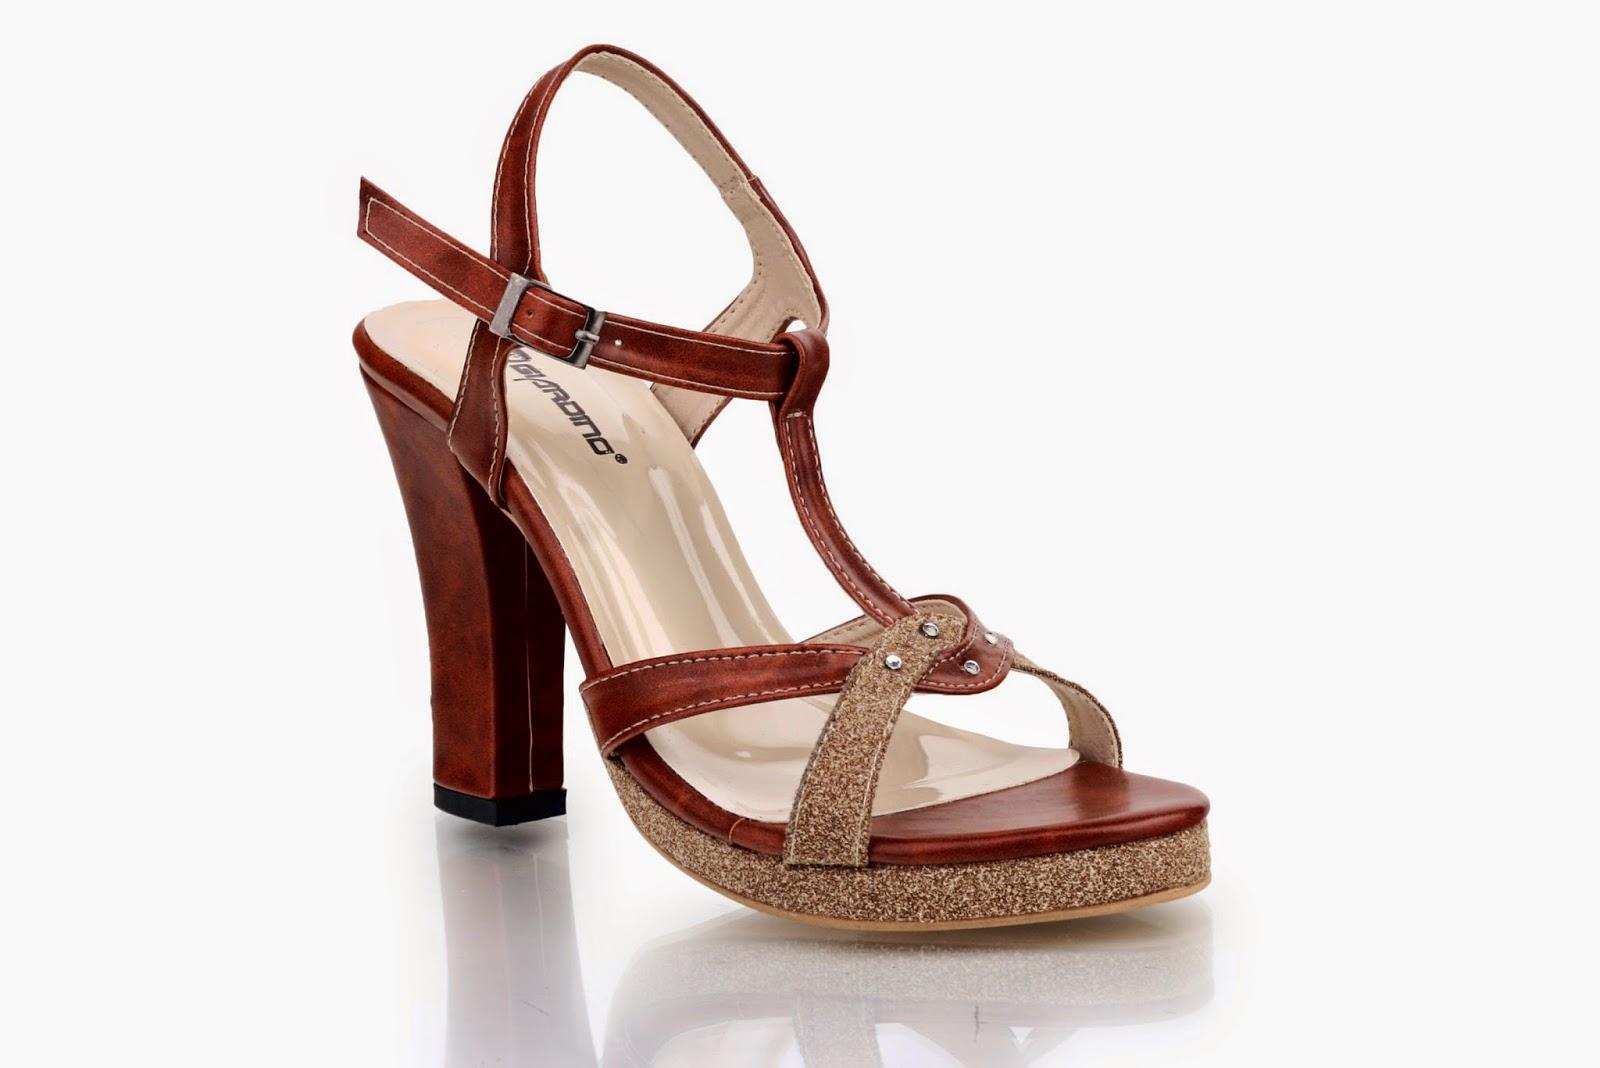 Jual Sandal High Heels Cibaduyut, Grosir Sandal High Heels Cibaduyut, Sandal High Heels Cibaduyut Harga Murah, Sandal High Heels Cibaduyut Online Murah